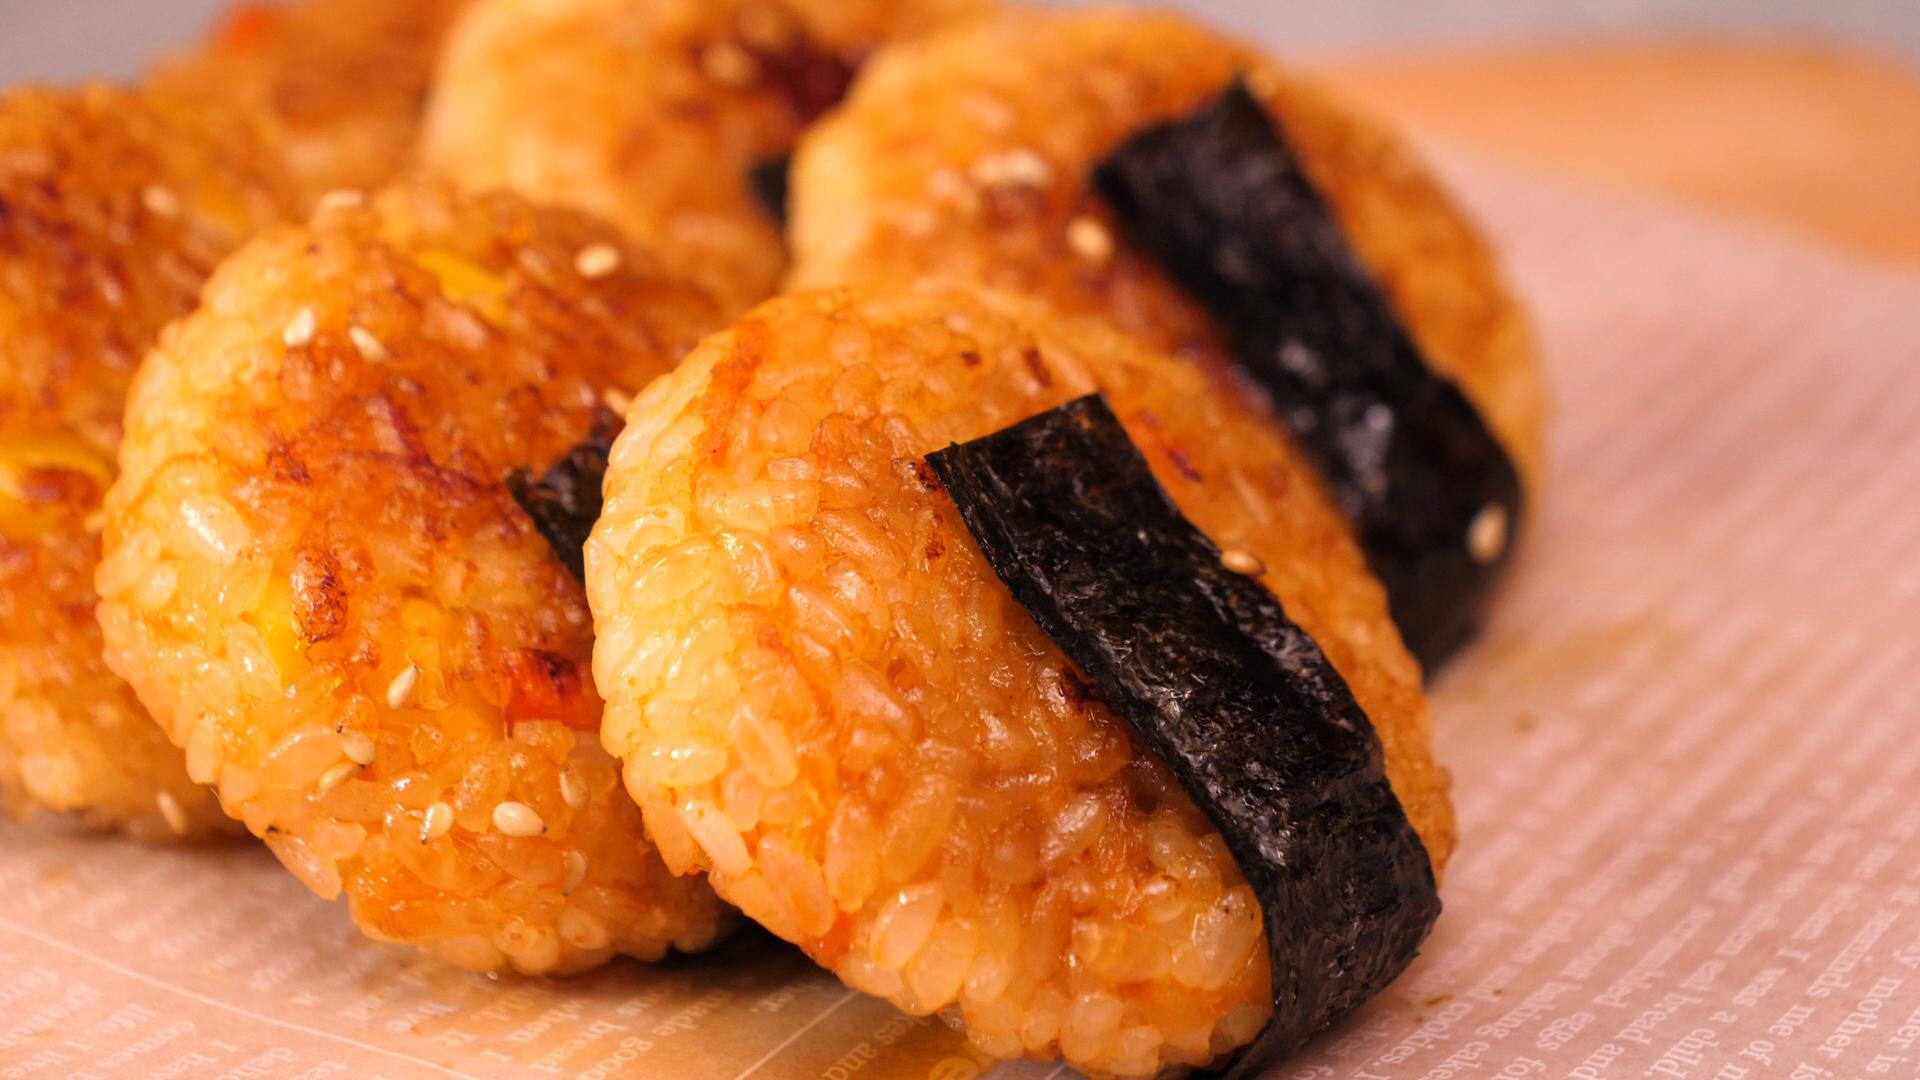 吃不完的米饭别倒掉,捏一捏,放锅里煎一煎,就能做出美味的米饼